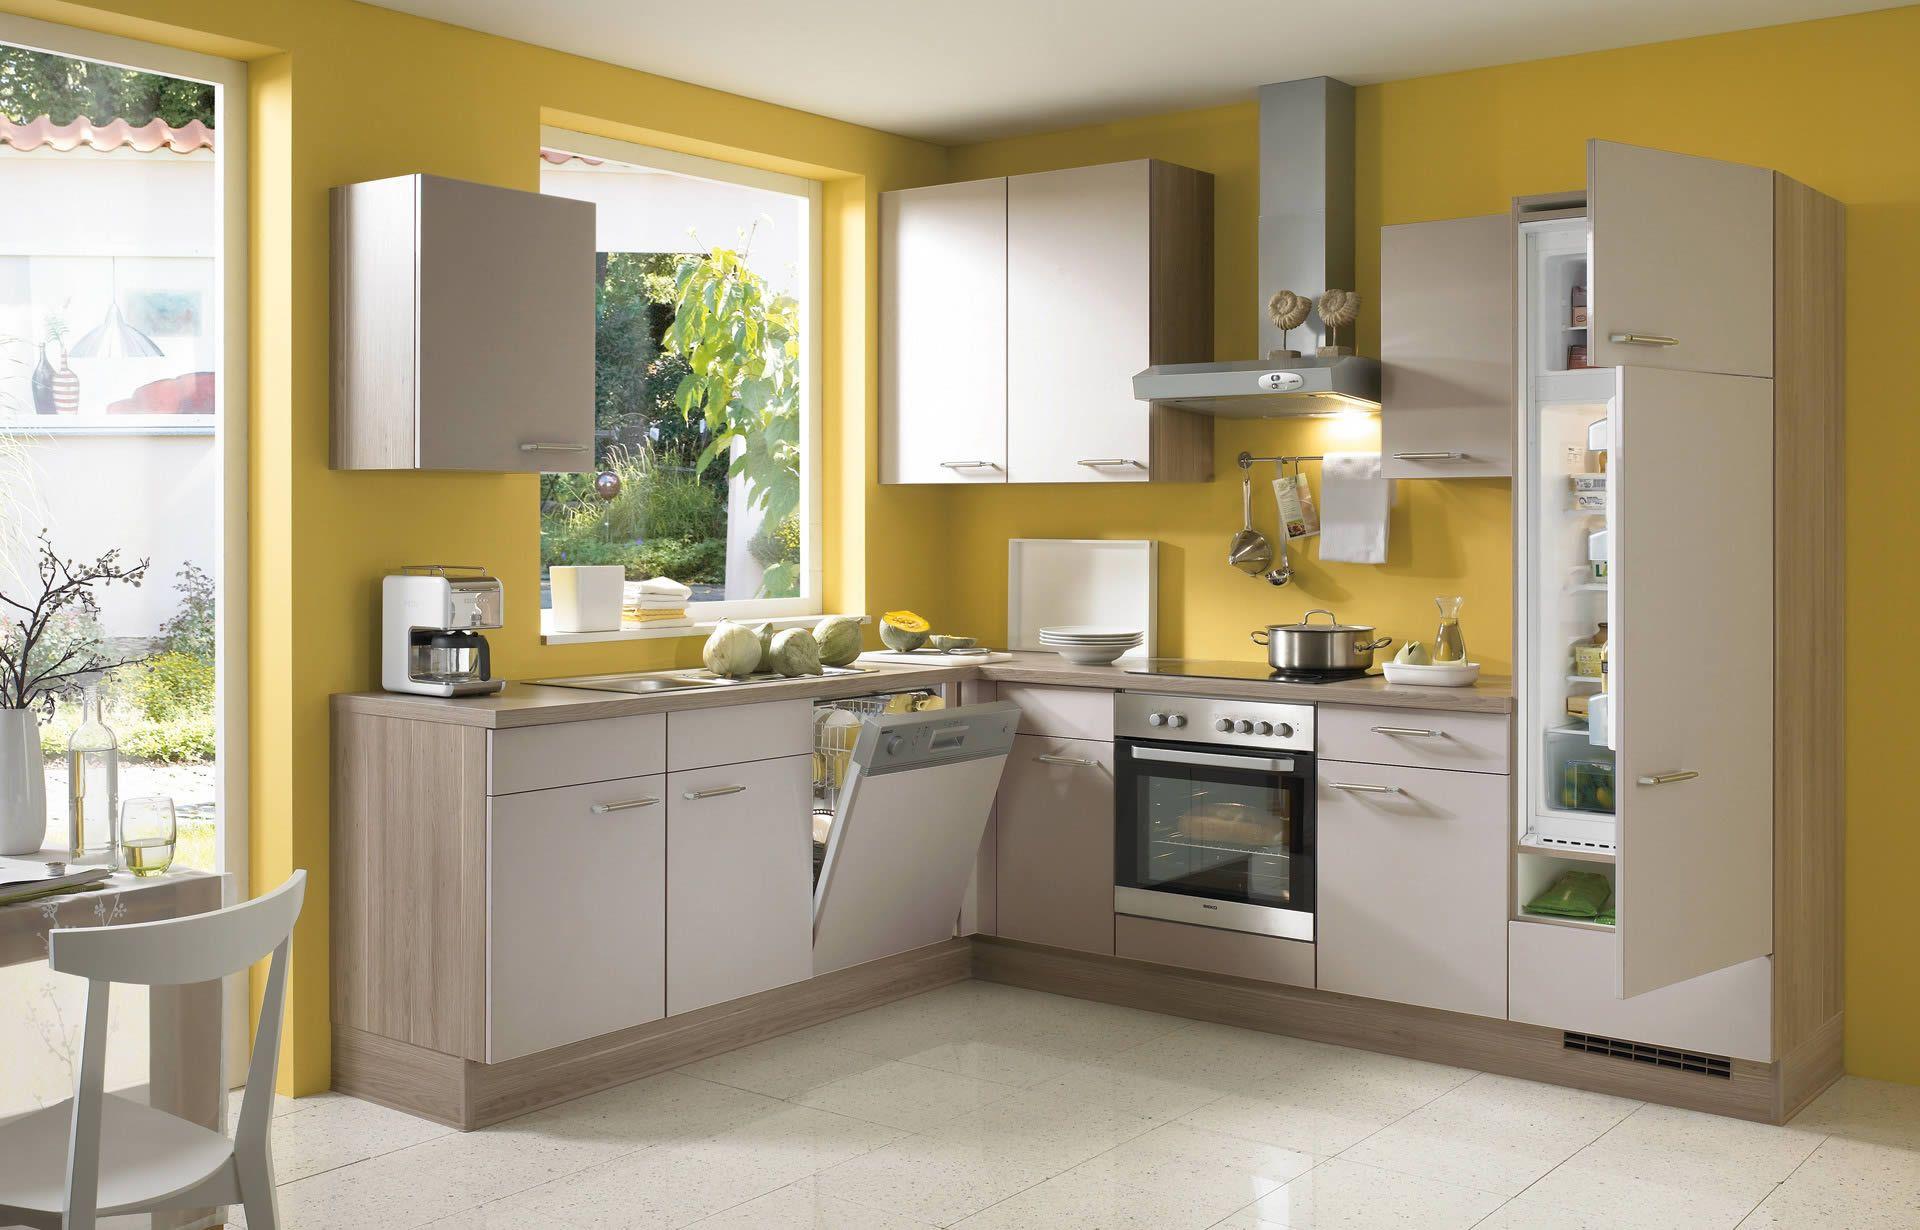 Küchenplan grundriss gelb küche wände mit weißen schränke  visualisieren sie den entwurf